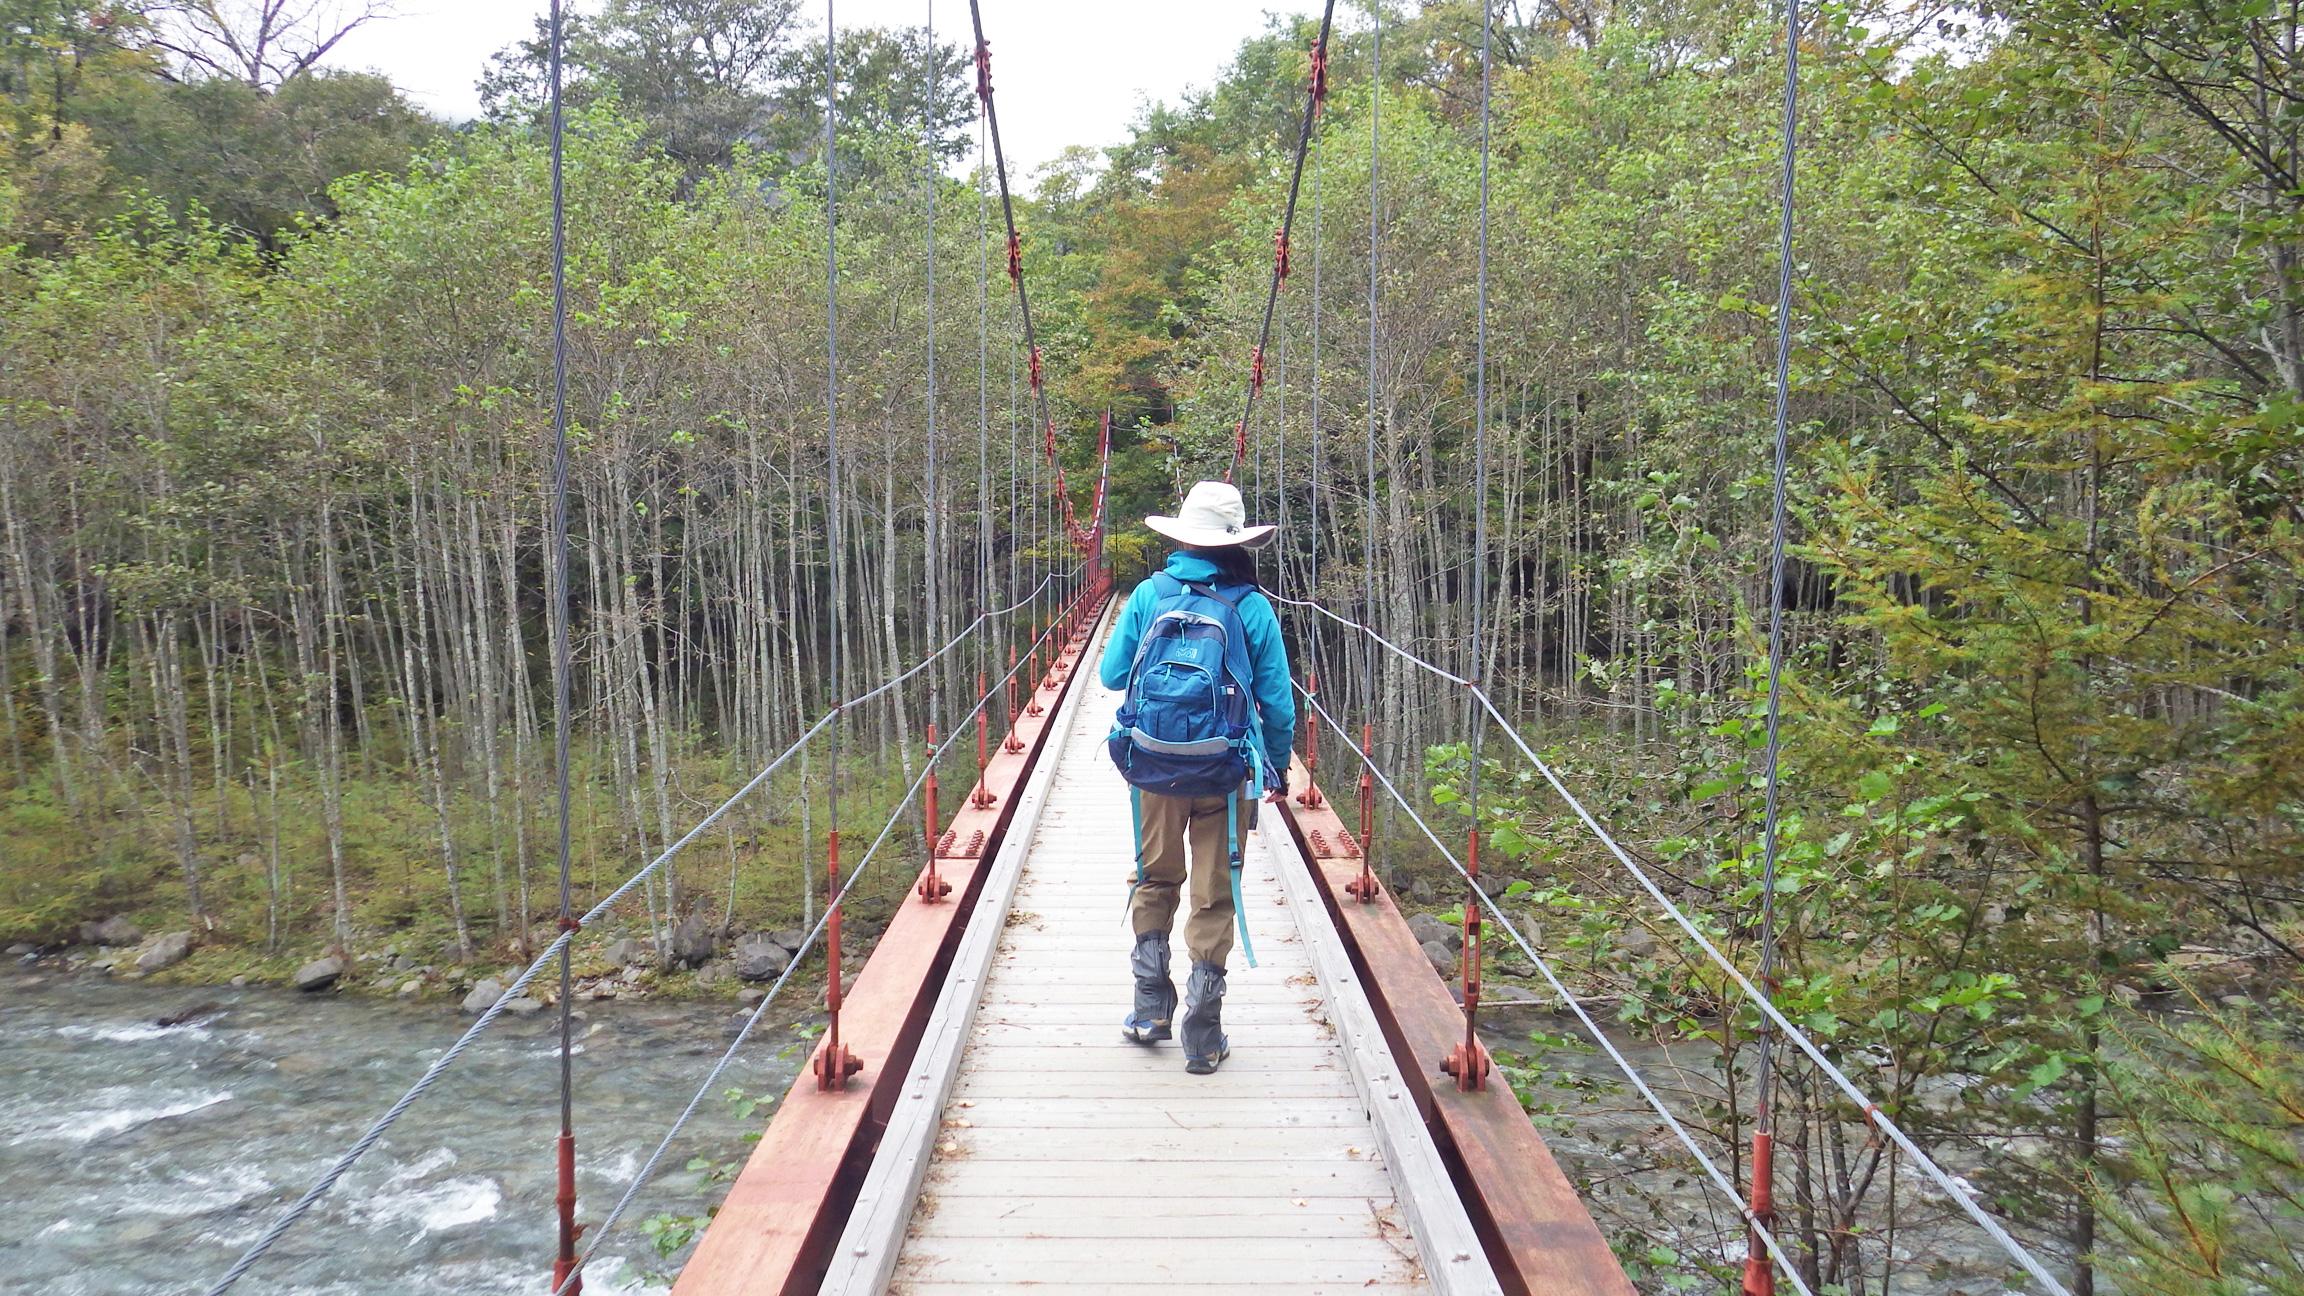 西ノ湖へ向かって吊り橋を渡る